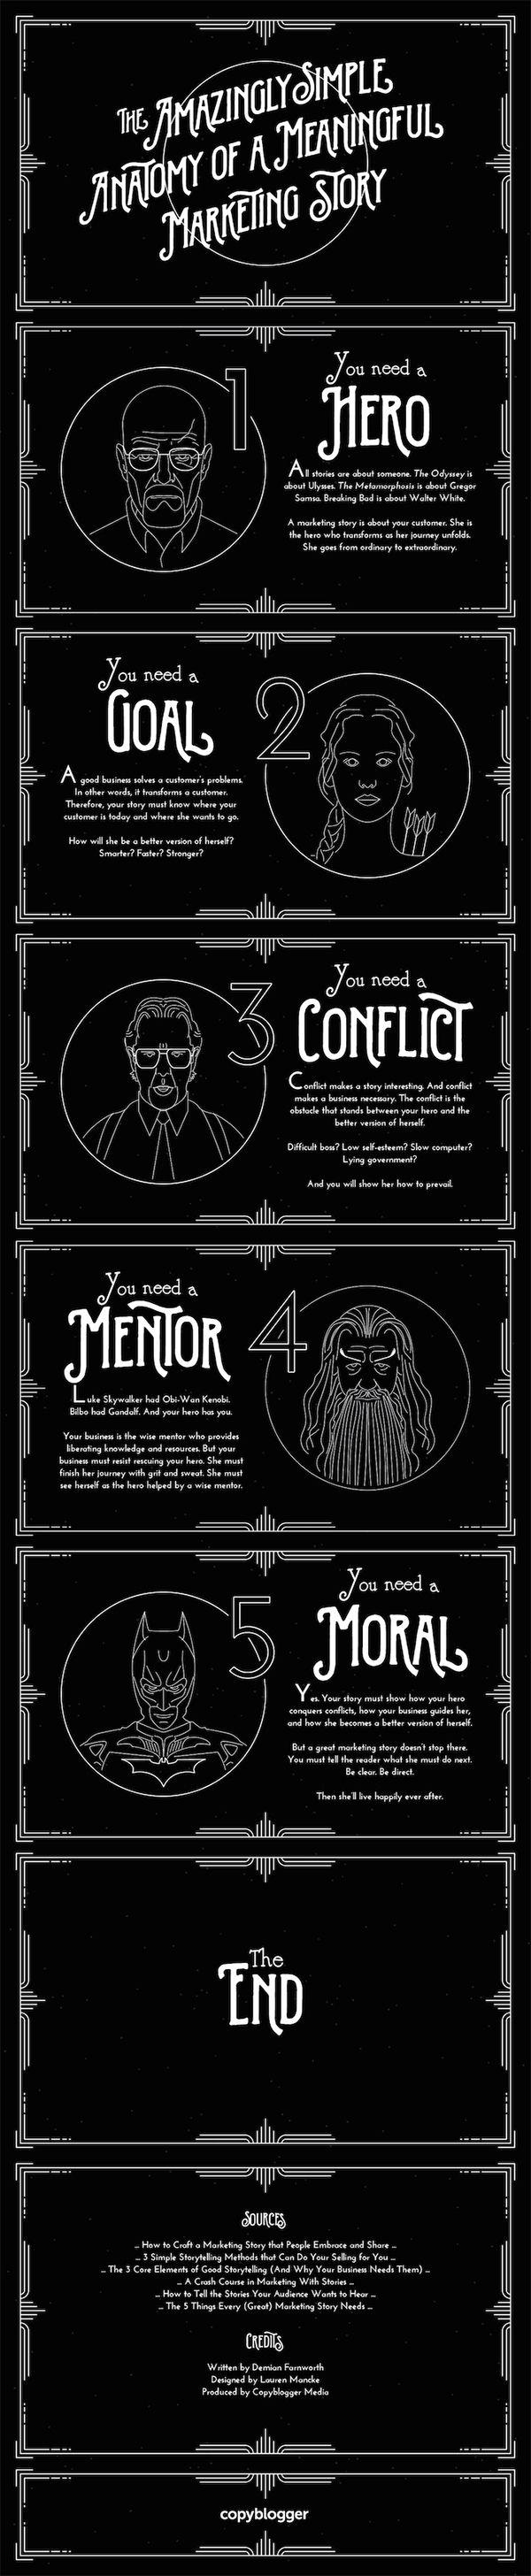 Gebruik makende van populaire superhelden films legt men hier uit hoe je aan de hand van storytelling je publiek kan meetrekken in een verhaal. Verschillende componenten voor een goed verhaal die vertegenwoordigt worden door onze favoriete helden.